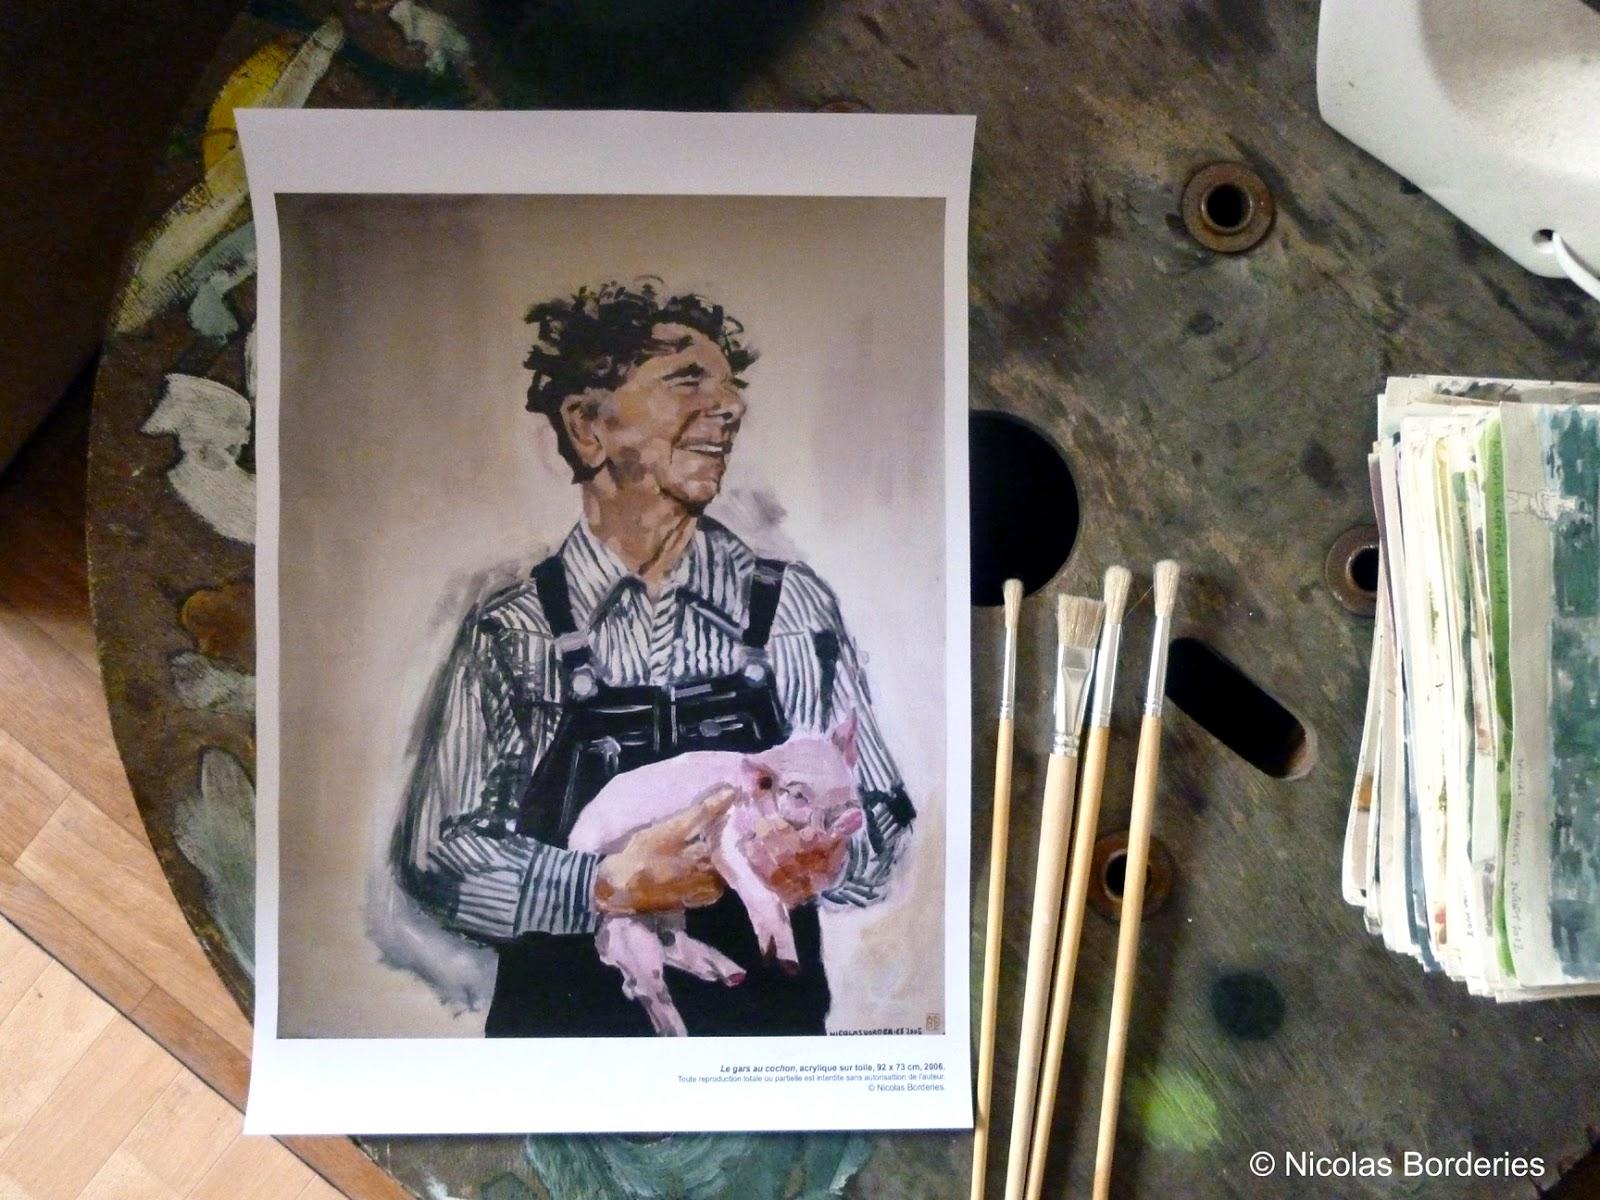 Nicolas Borderies Le gars au cochon